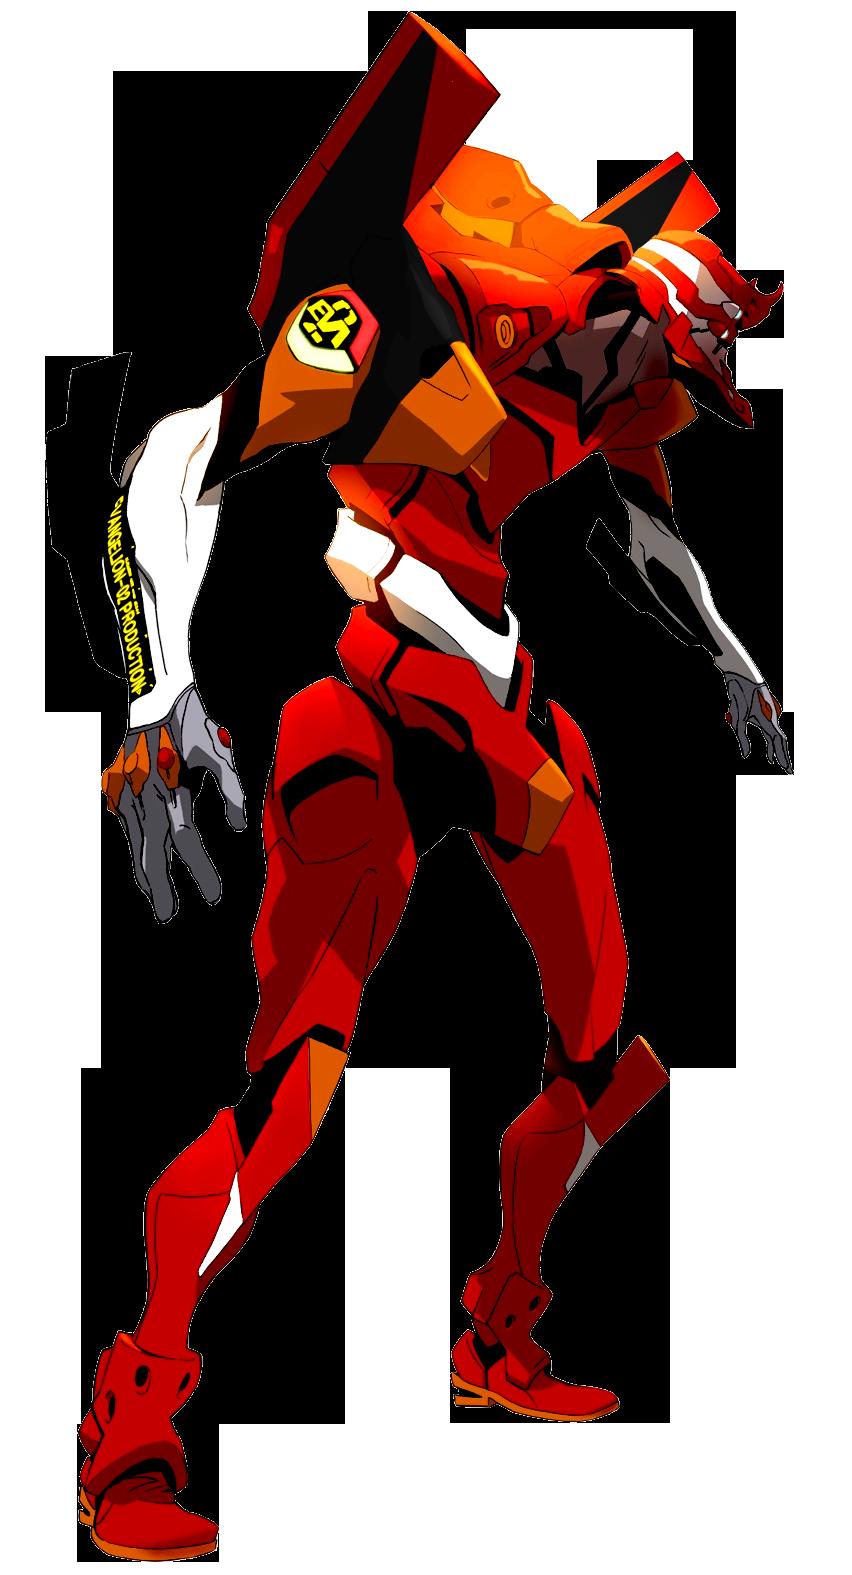 Evangelion Unit 02 Rebuild